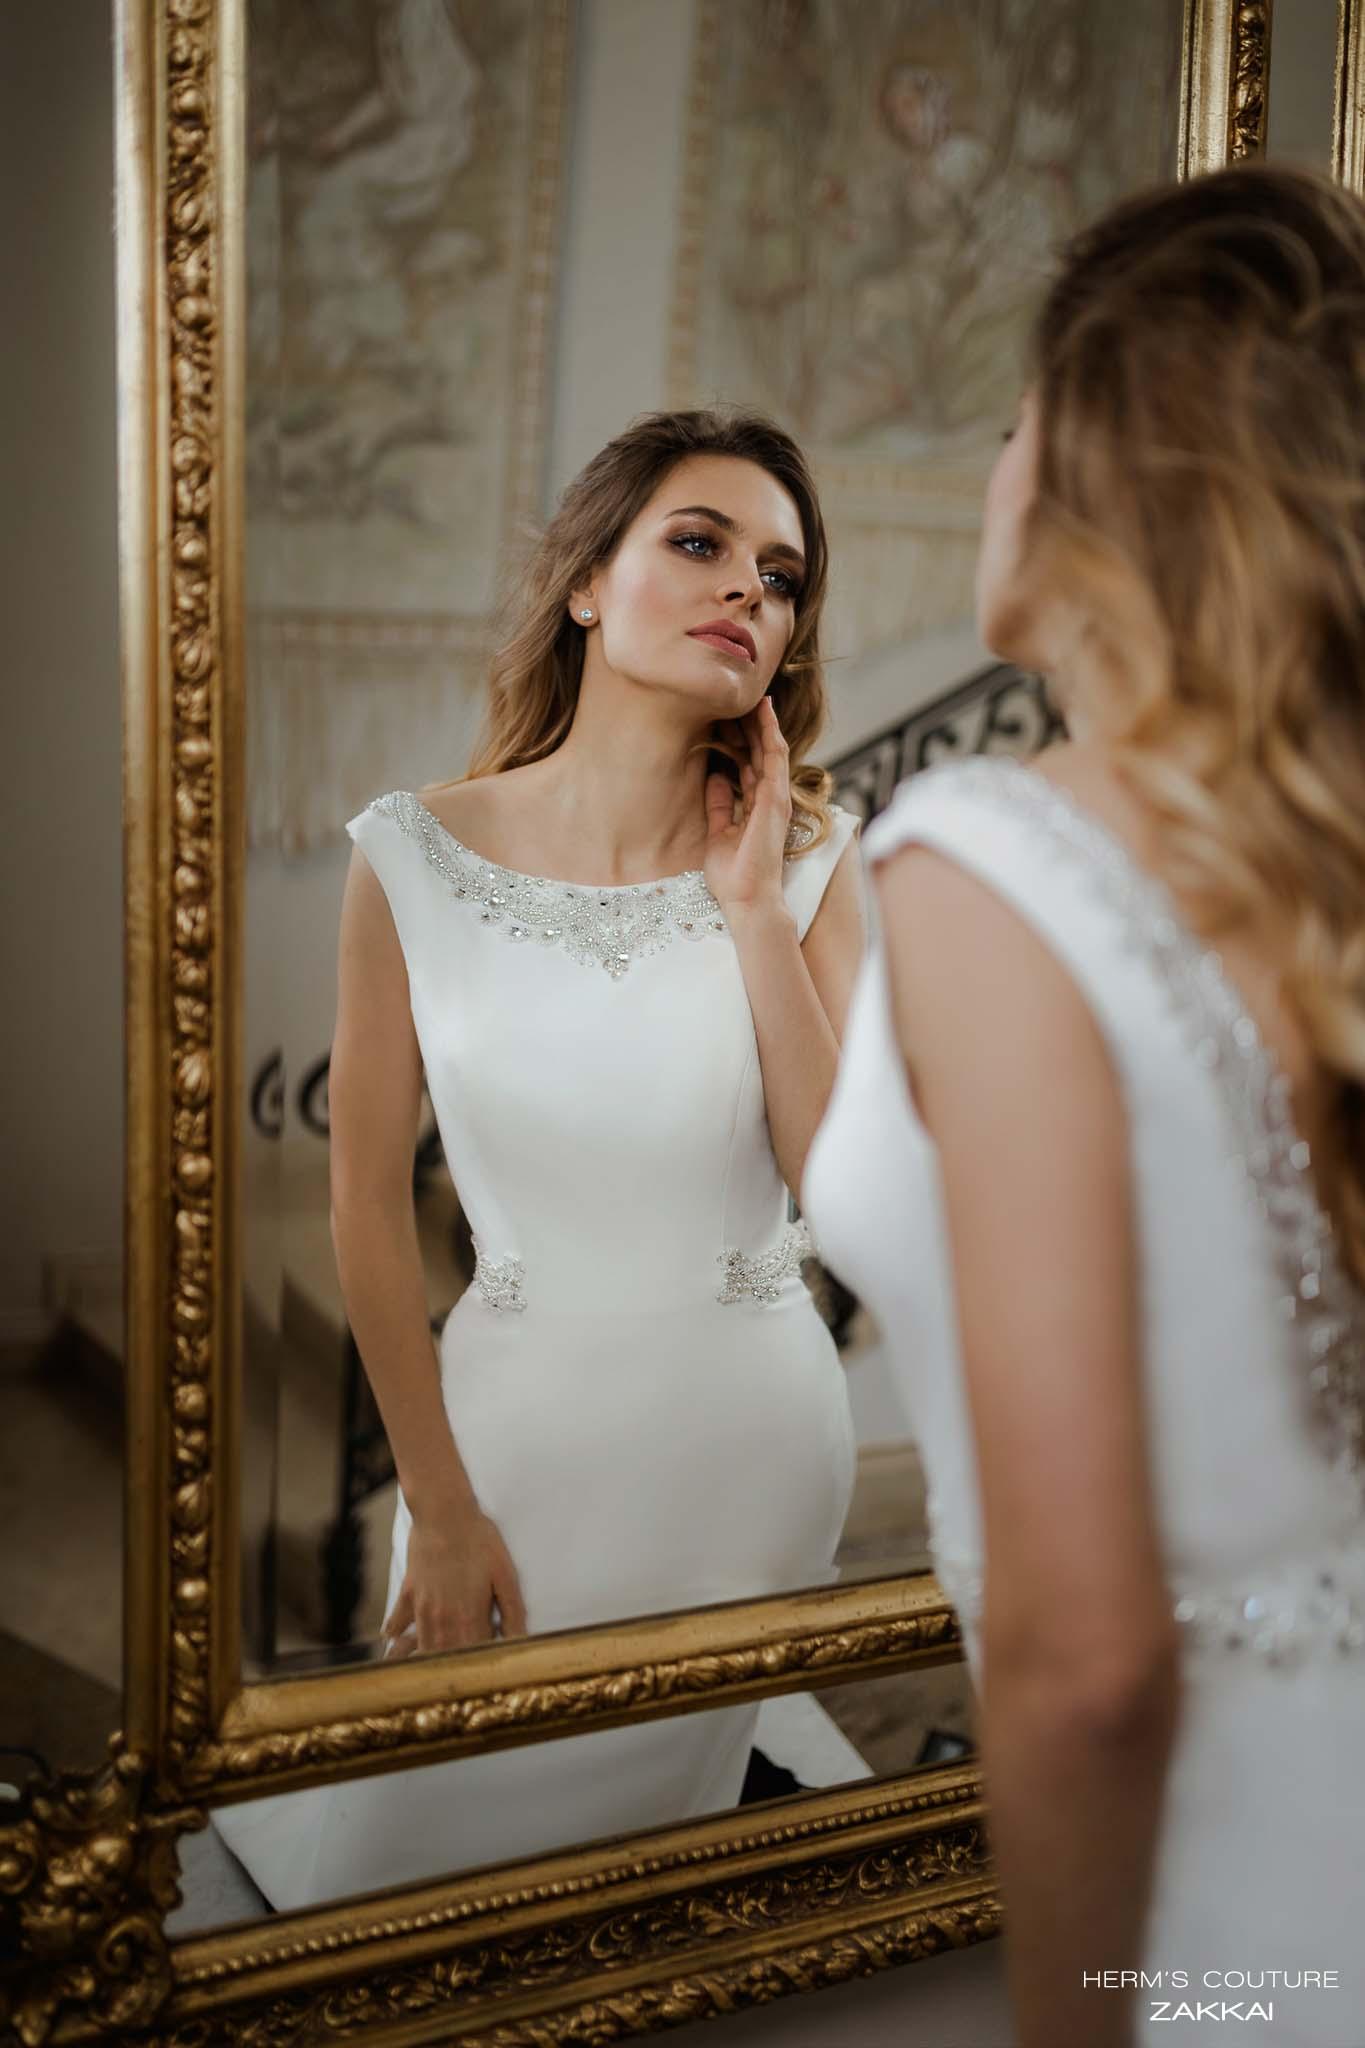 suknia ślubna Herm's Couture Zakkai